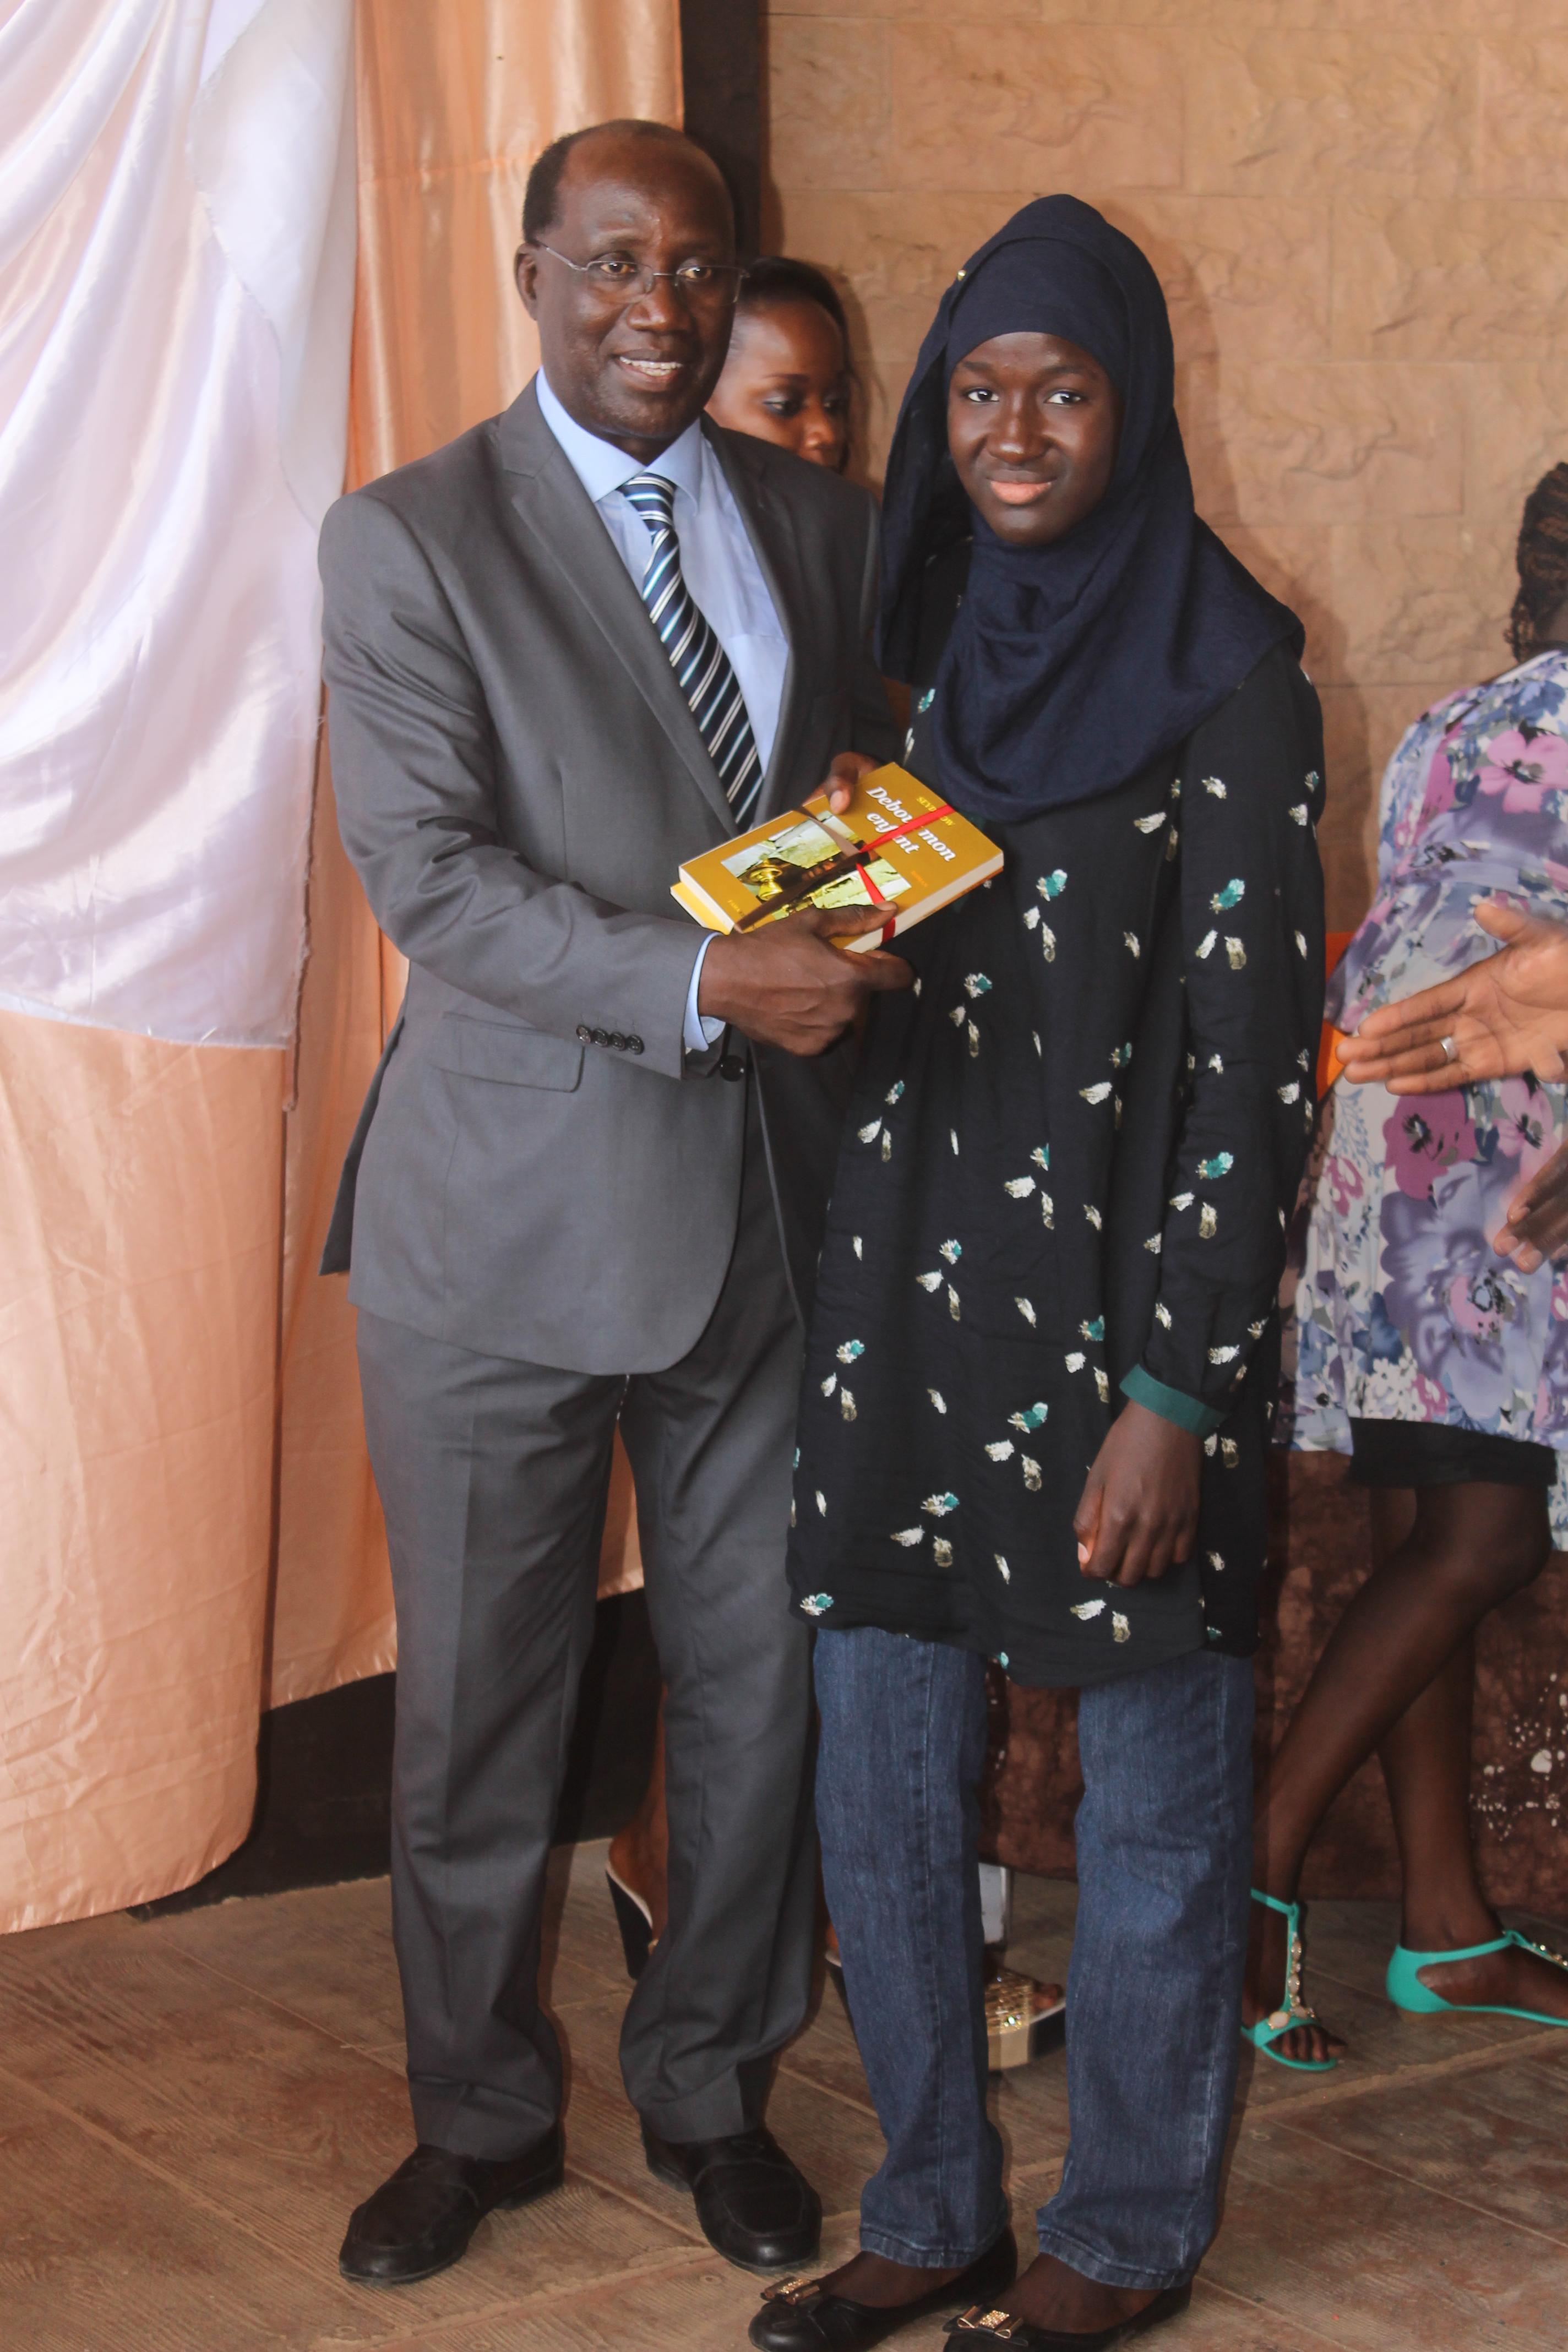 Remise de Prix d'excellence par le Monument de la Renaissance Africaine : Les filles à l'honneur avec une moyenne de 18